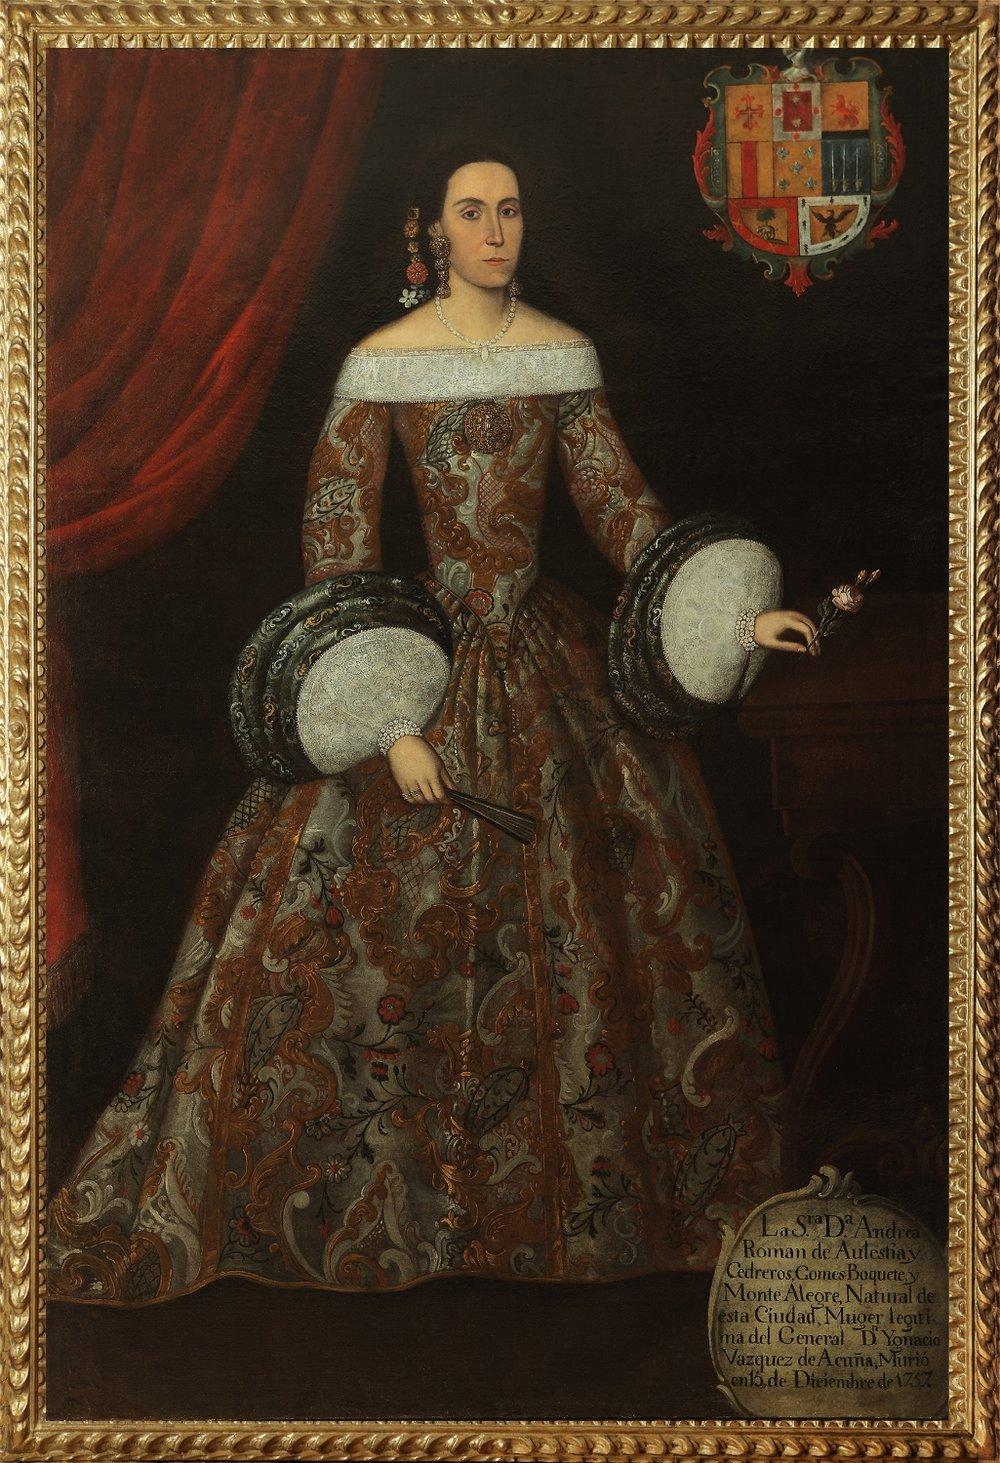 Spanish Colonial School, Peru, Eighteenth Century,  Portrait of Doña Andrea Roman de Aulestia y Cedreros y Gomez-Boguete y Monte Alegre